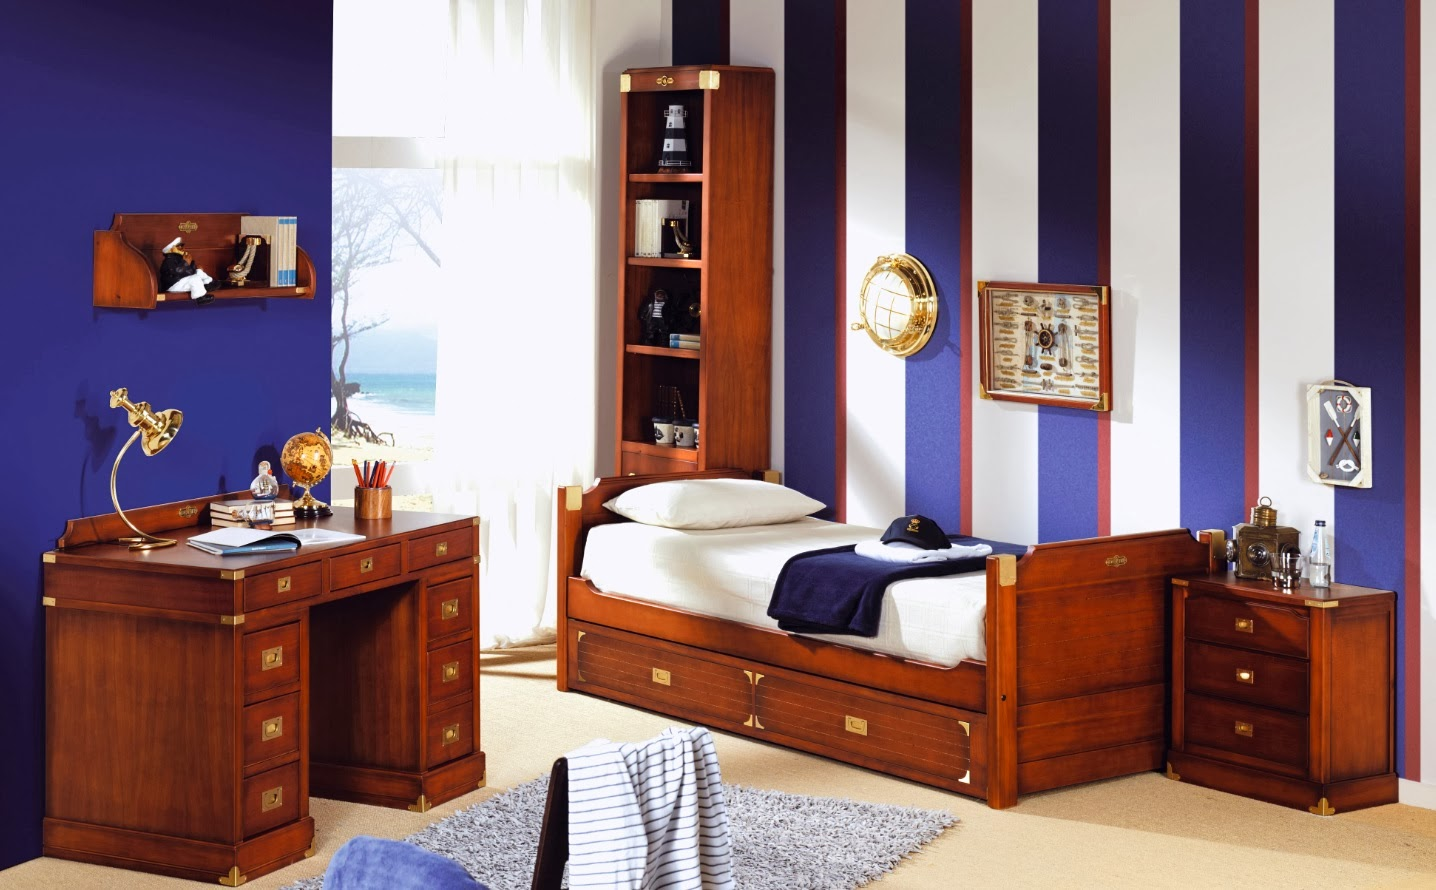 Blog de mbar muebles dormitorios estilo barco - Decoracion de muebles ...